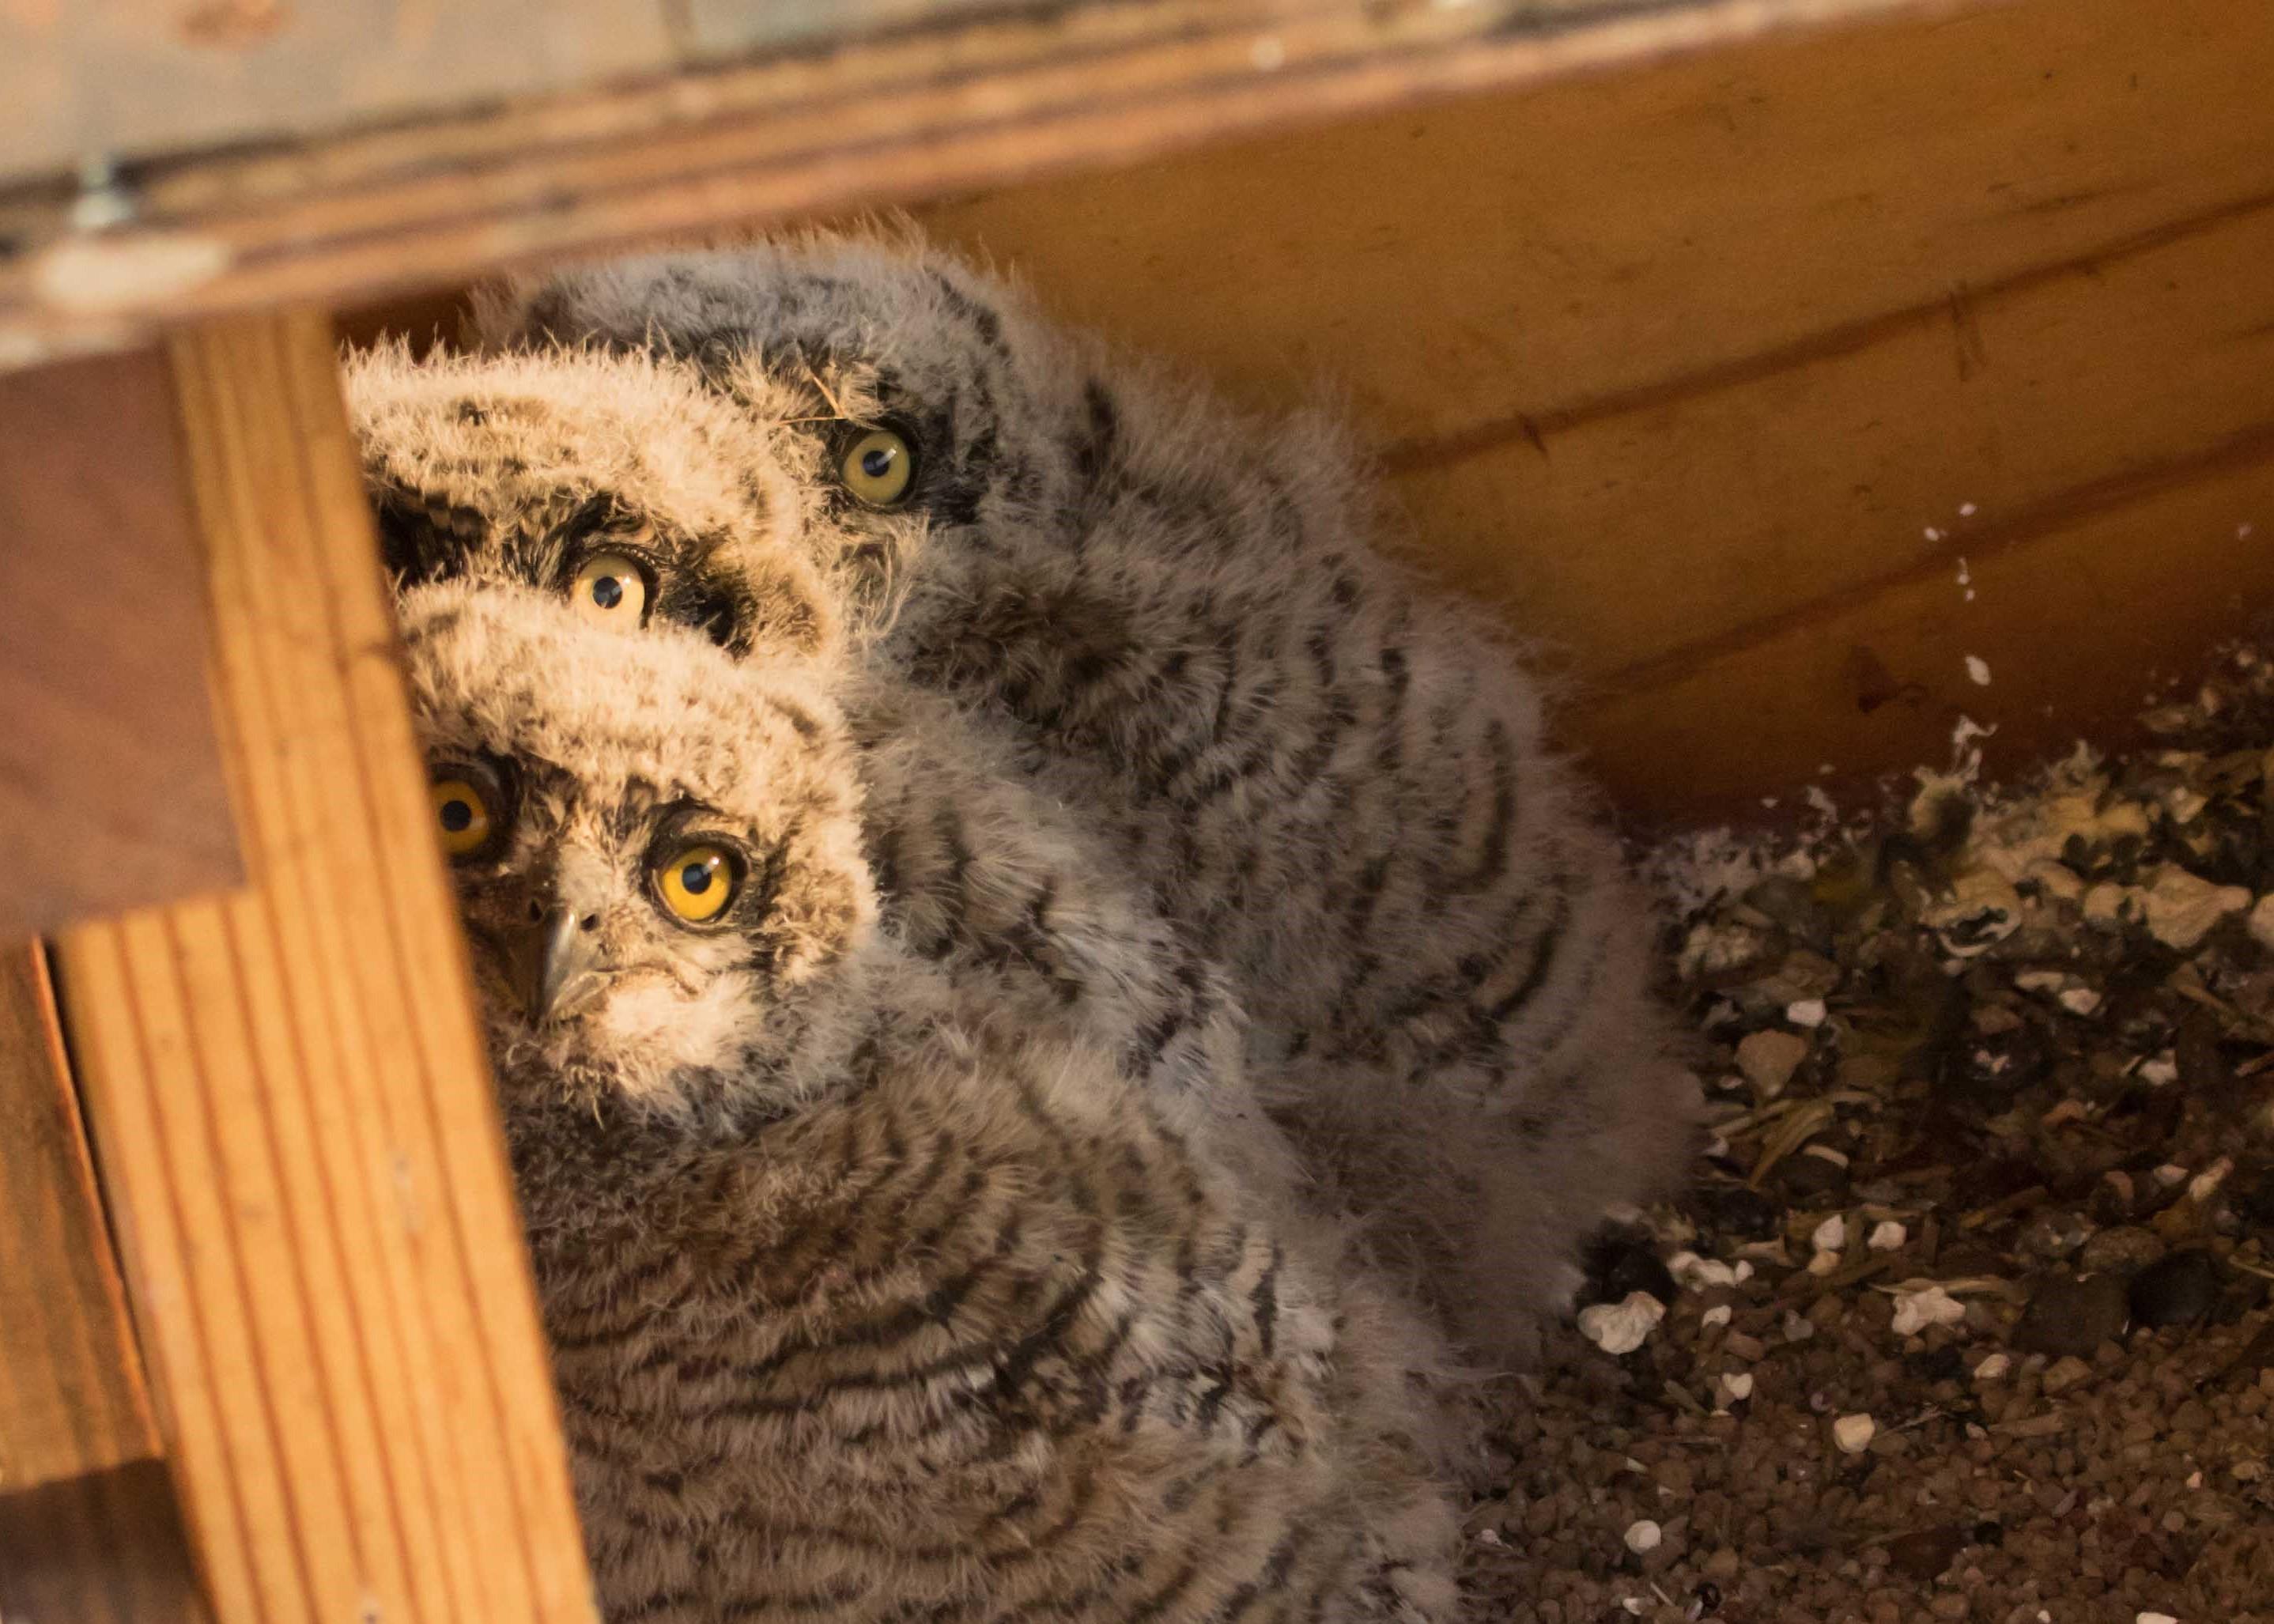 The latest owl chicks - September 2019